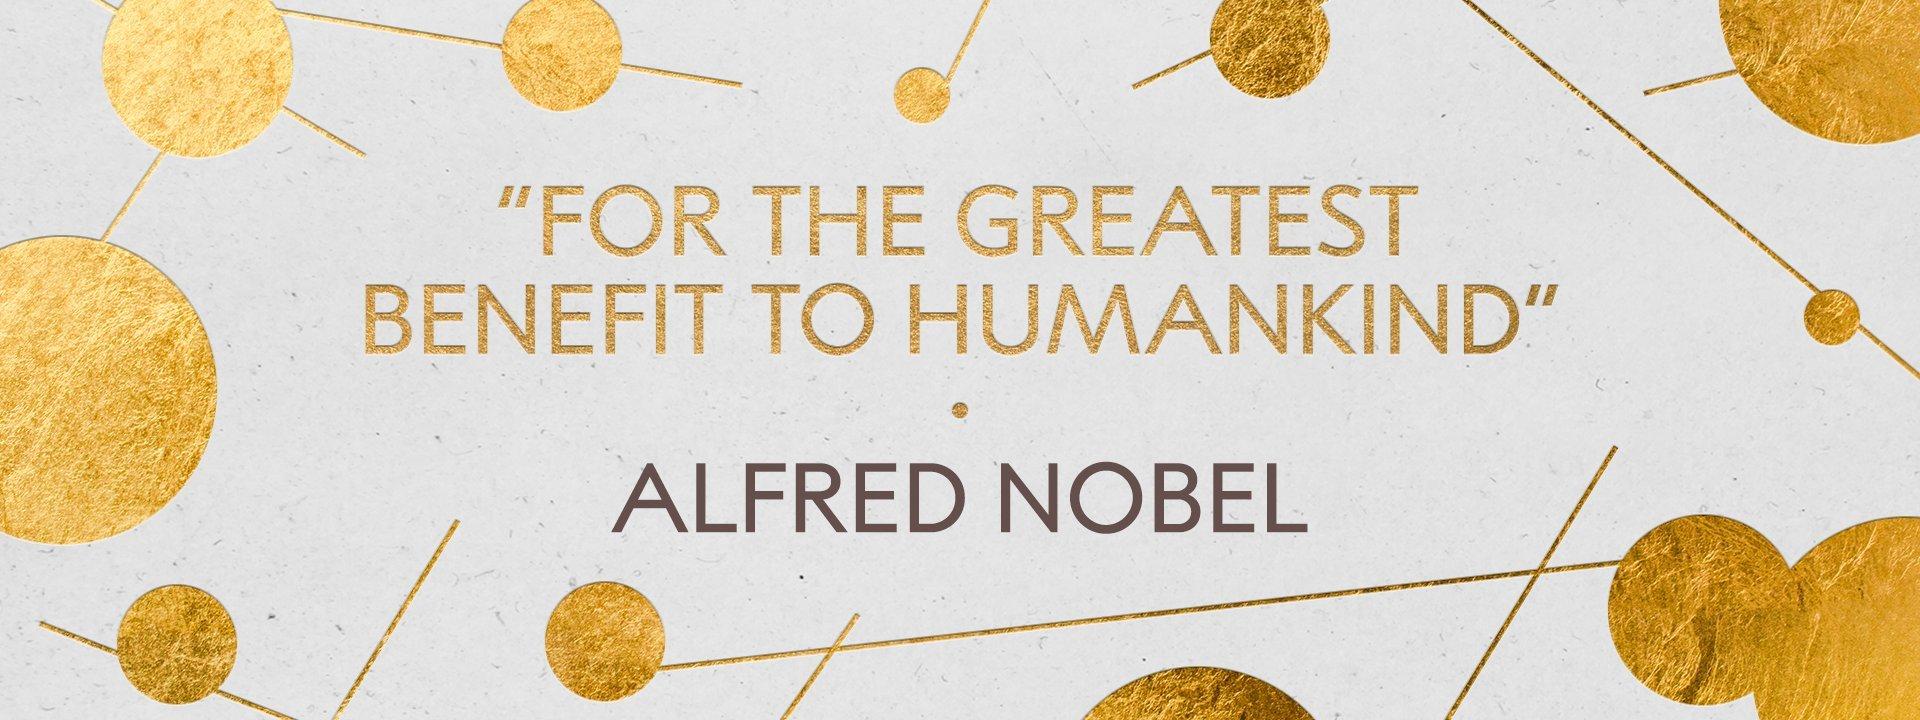 Hero Nobel will quote